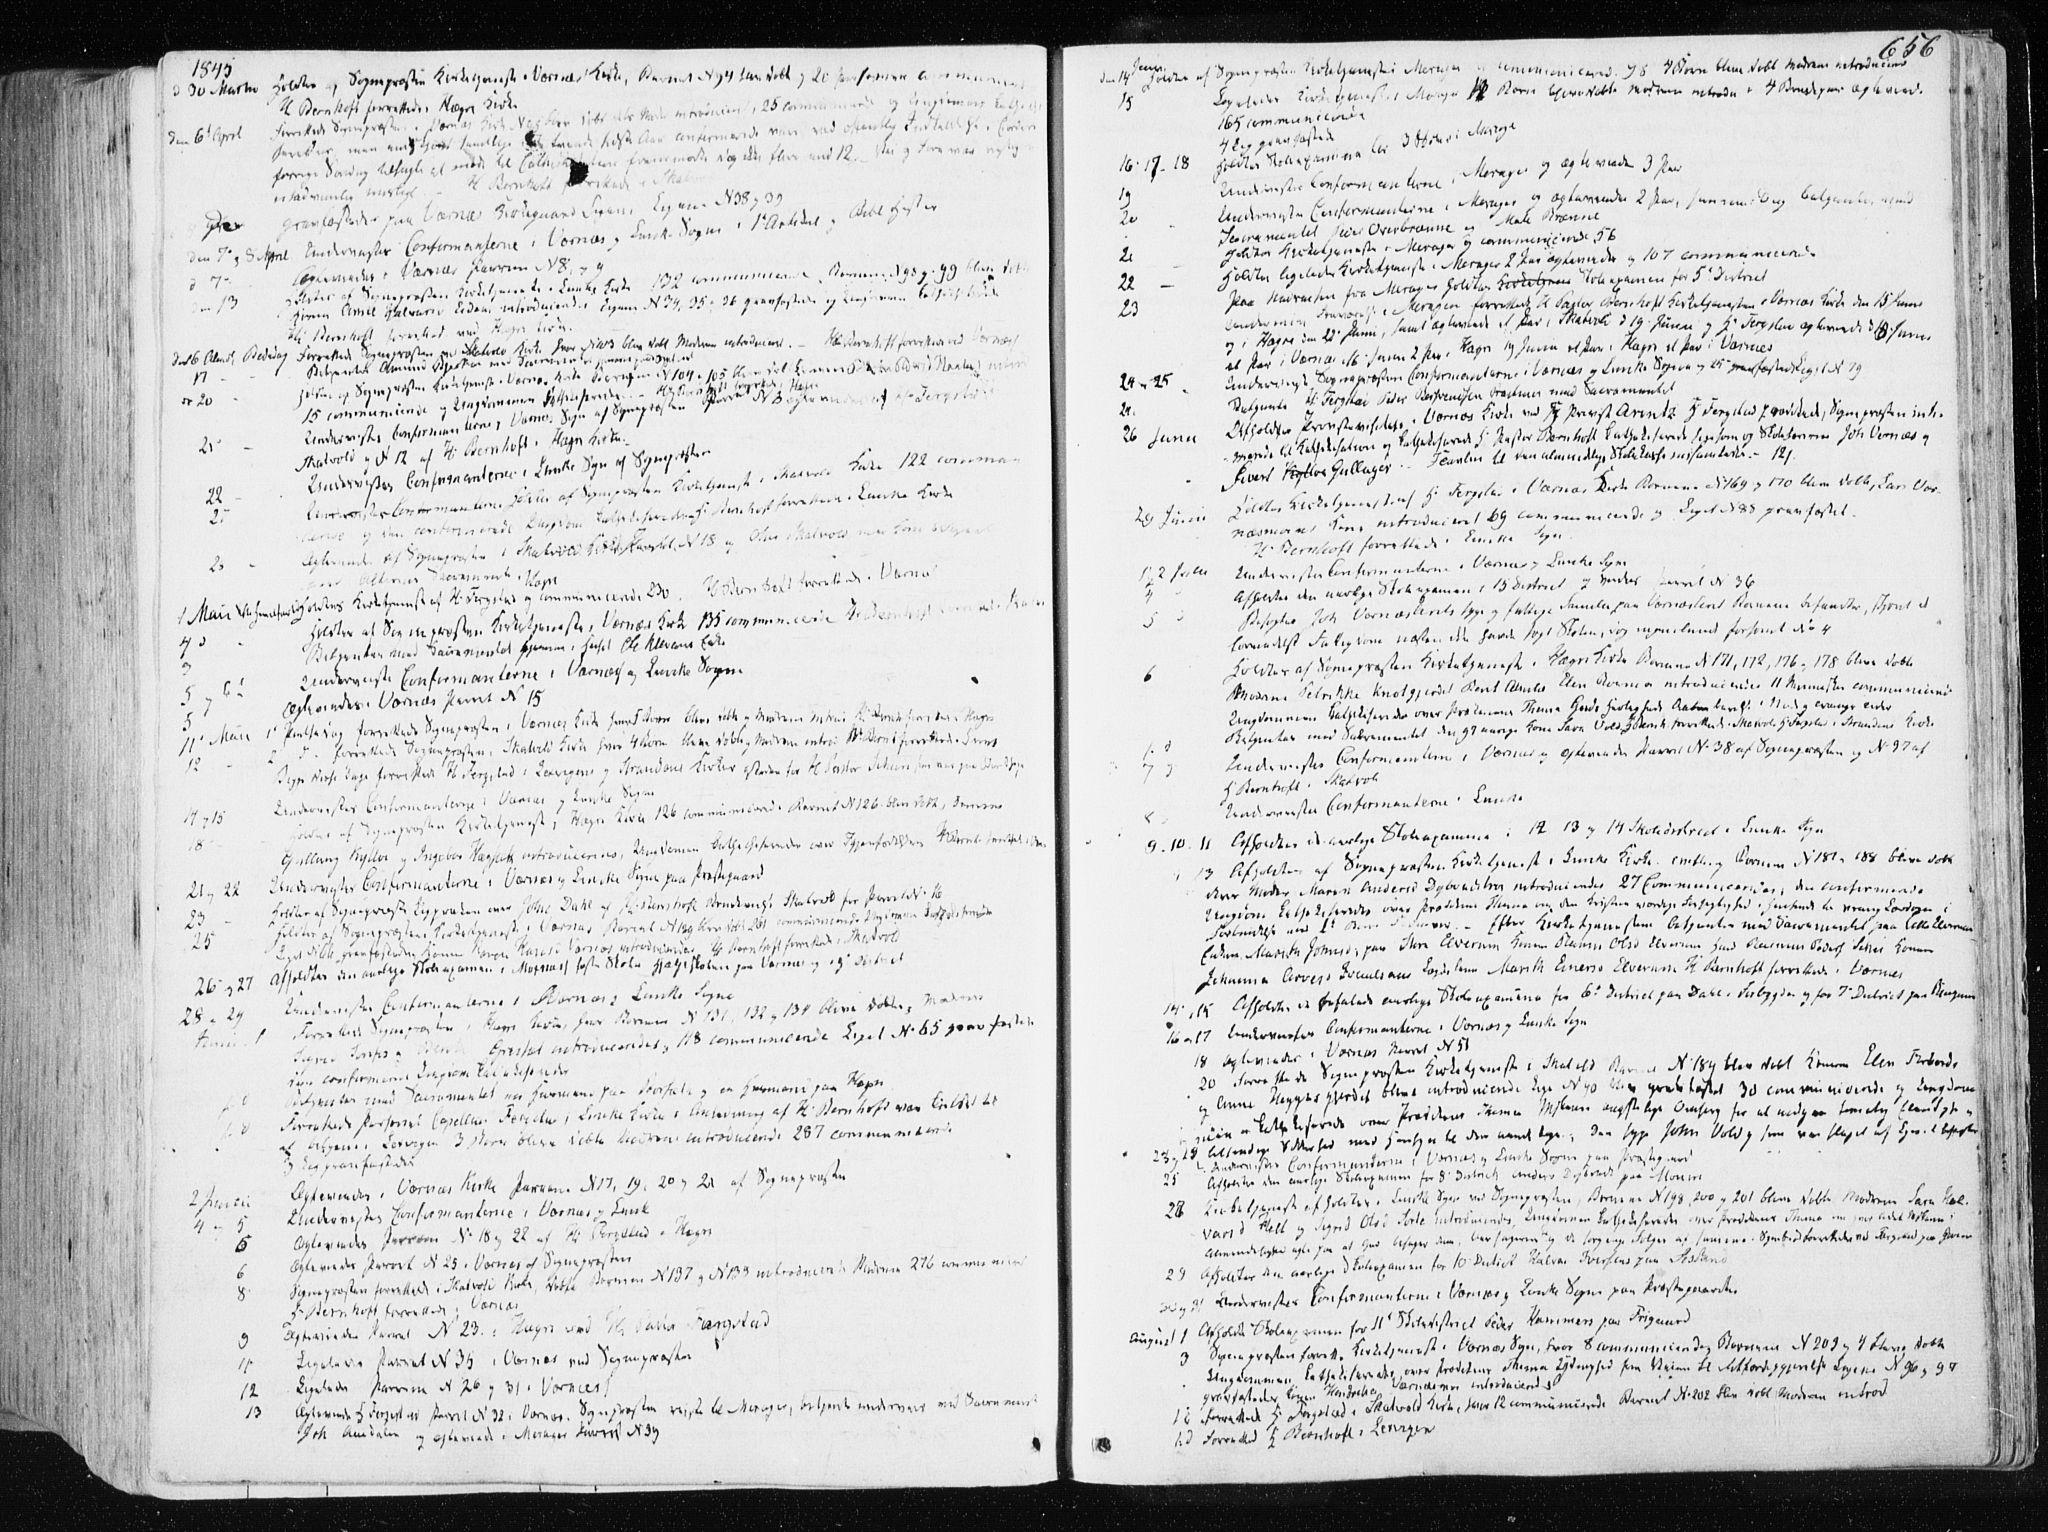 SAT, Ministerialprotokoller, klokkerbøker og fødselsregistre - Nord-Trøndelag, 709/L0074: Ministerialbok nr. 709A14, 1845-1858, s. 656